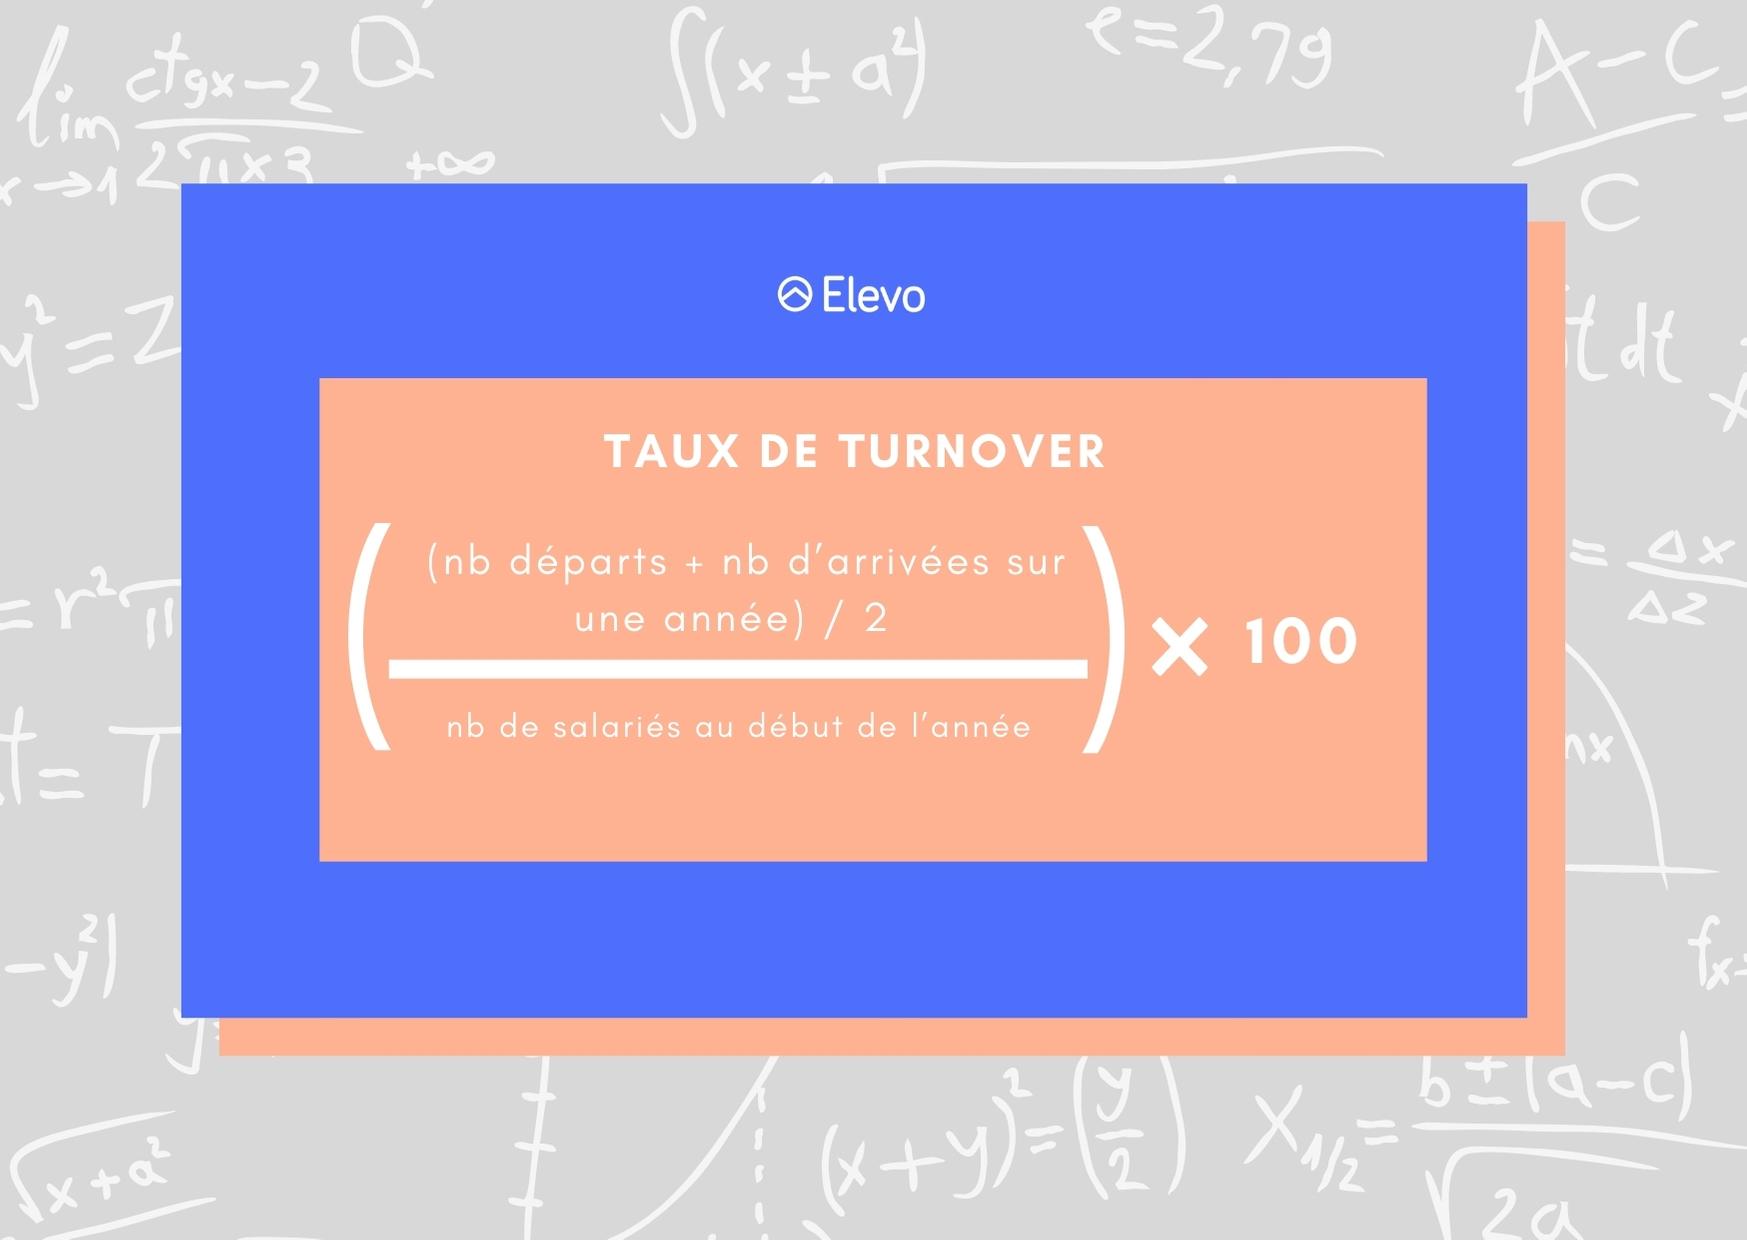 Formule du taux de turnover